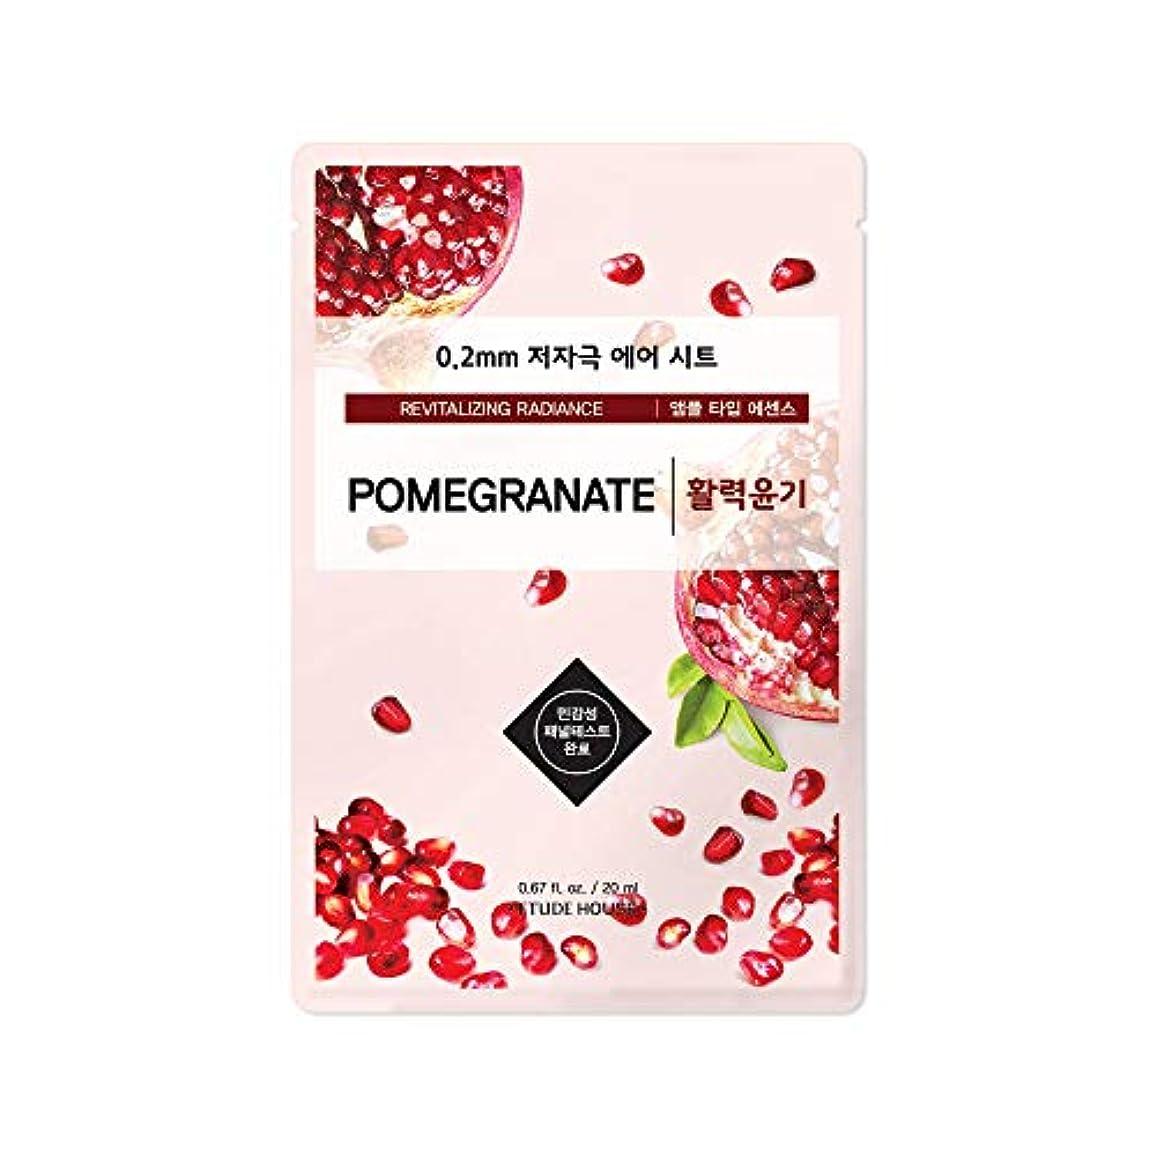 肉腫全滅させるコミュニティETUDE HOUSE 0.2 Therapy Air Mask 20ml×10ea (#07 Pomegranate)/エチュードハウス 0.2 セラピー エア マスク 20ml×10枚 (#07 Pomegranate)